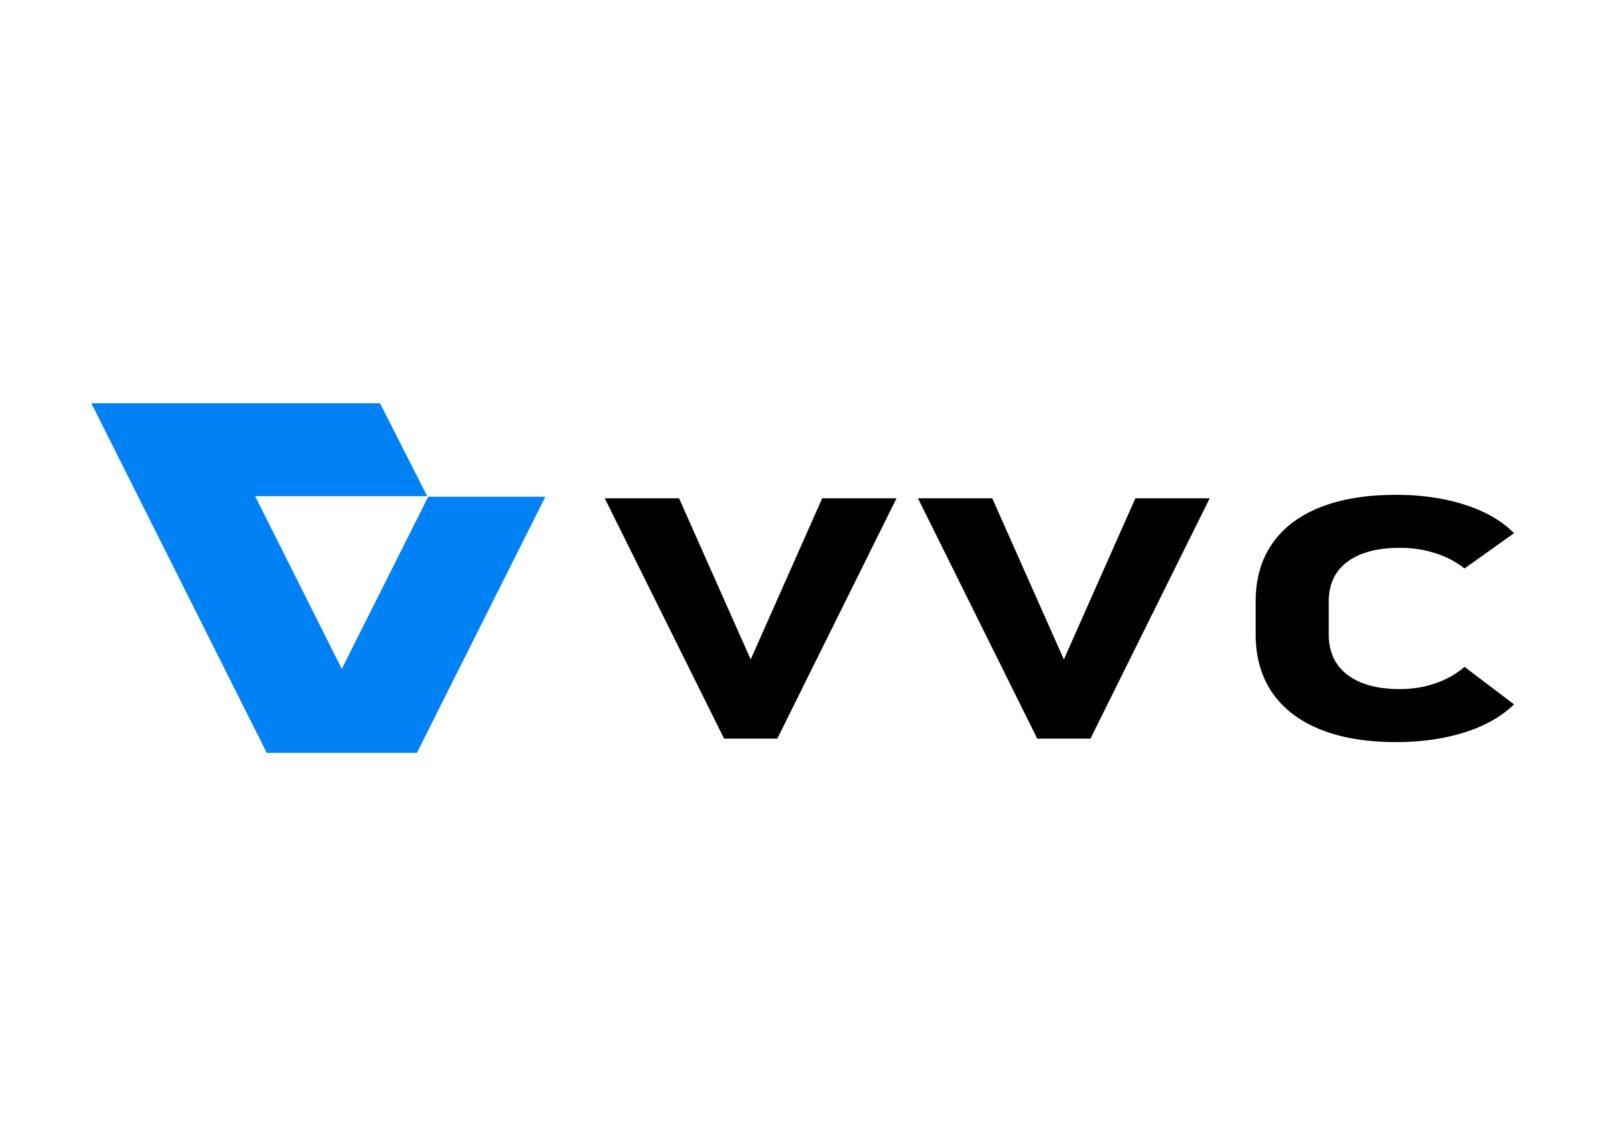 logo-nuevo-estandar-H.266-VVC